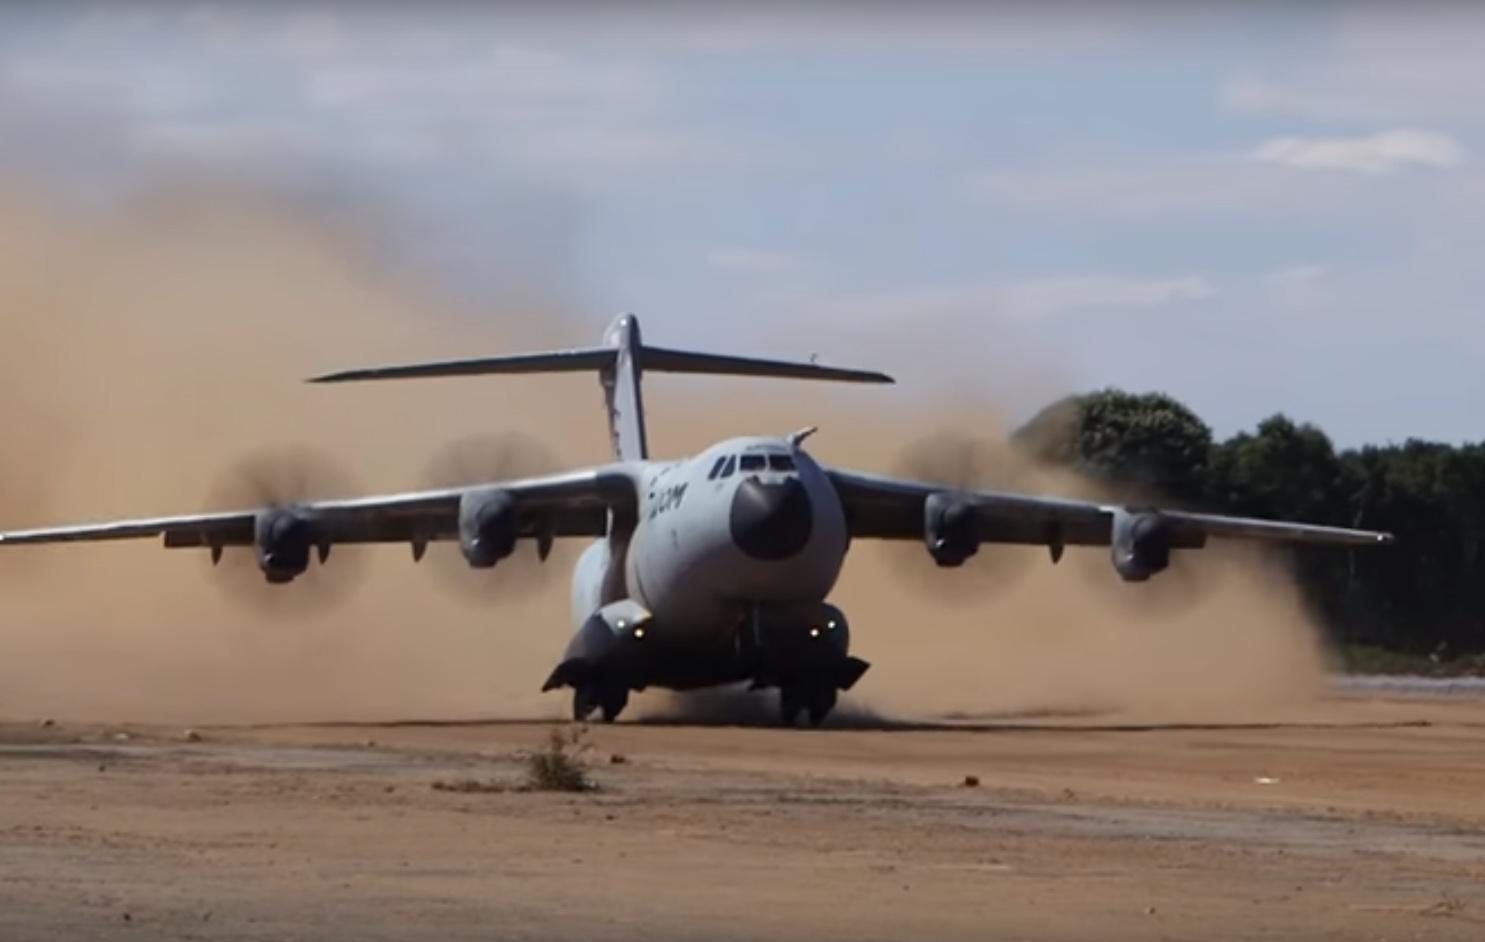 A400M-decolando-de-pista-de-terra.jpg